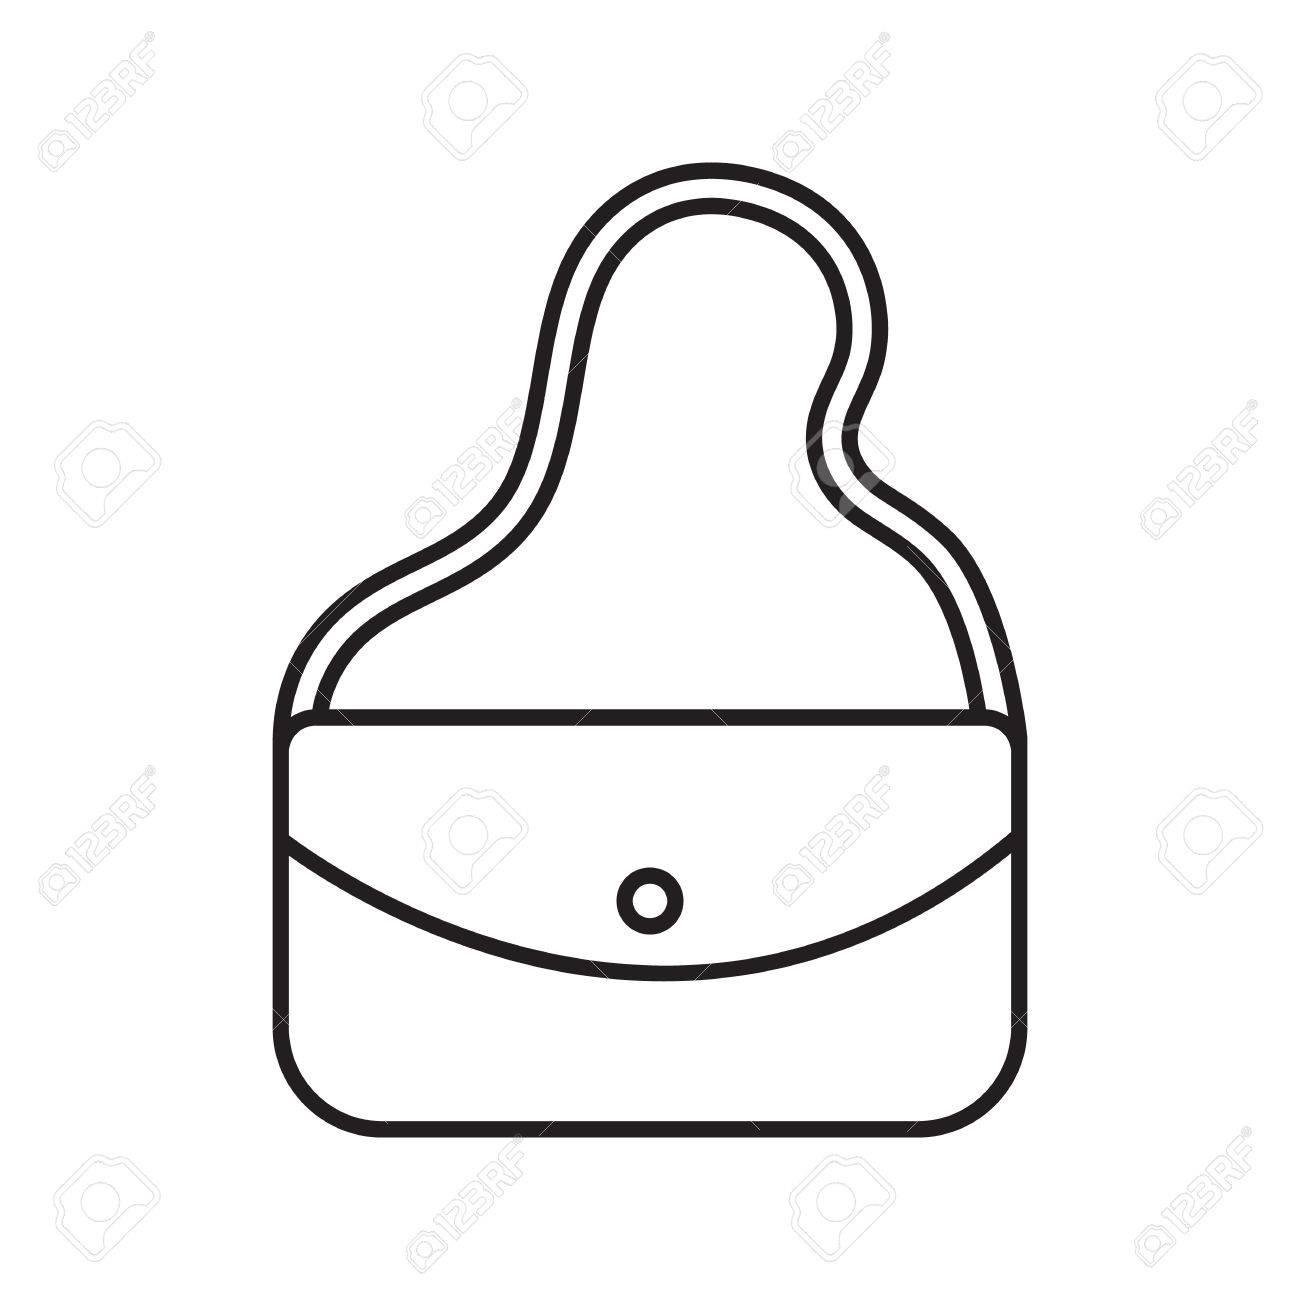 Lineare Ikone Der Frauen Handtasche. Kosmetiktasche. Dünne Linie ...